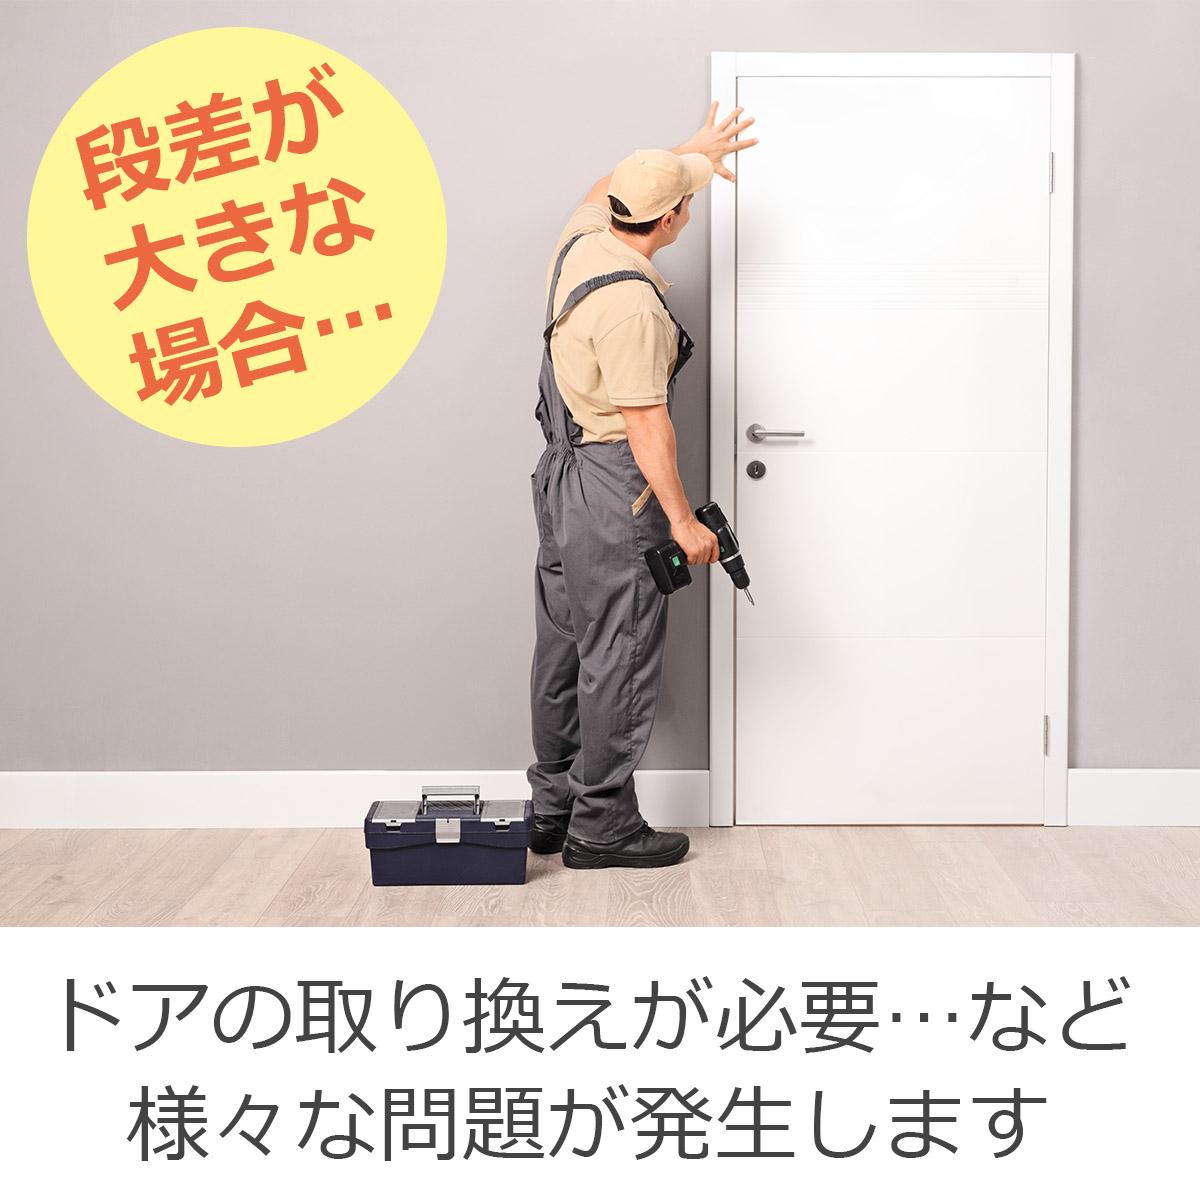 段差が大きな場合、ドアの取り換えが必要…など様々な問題が発生します